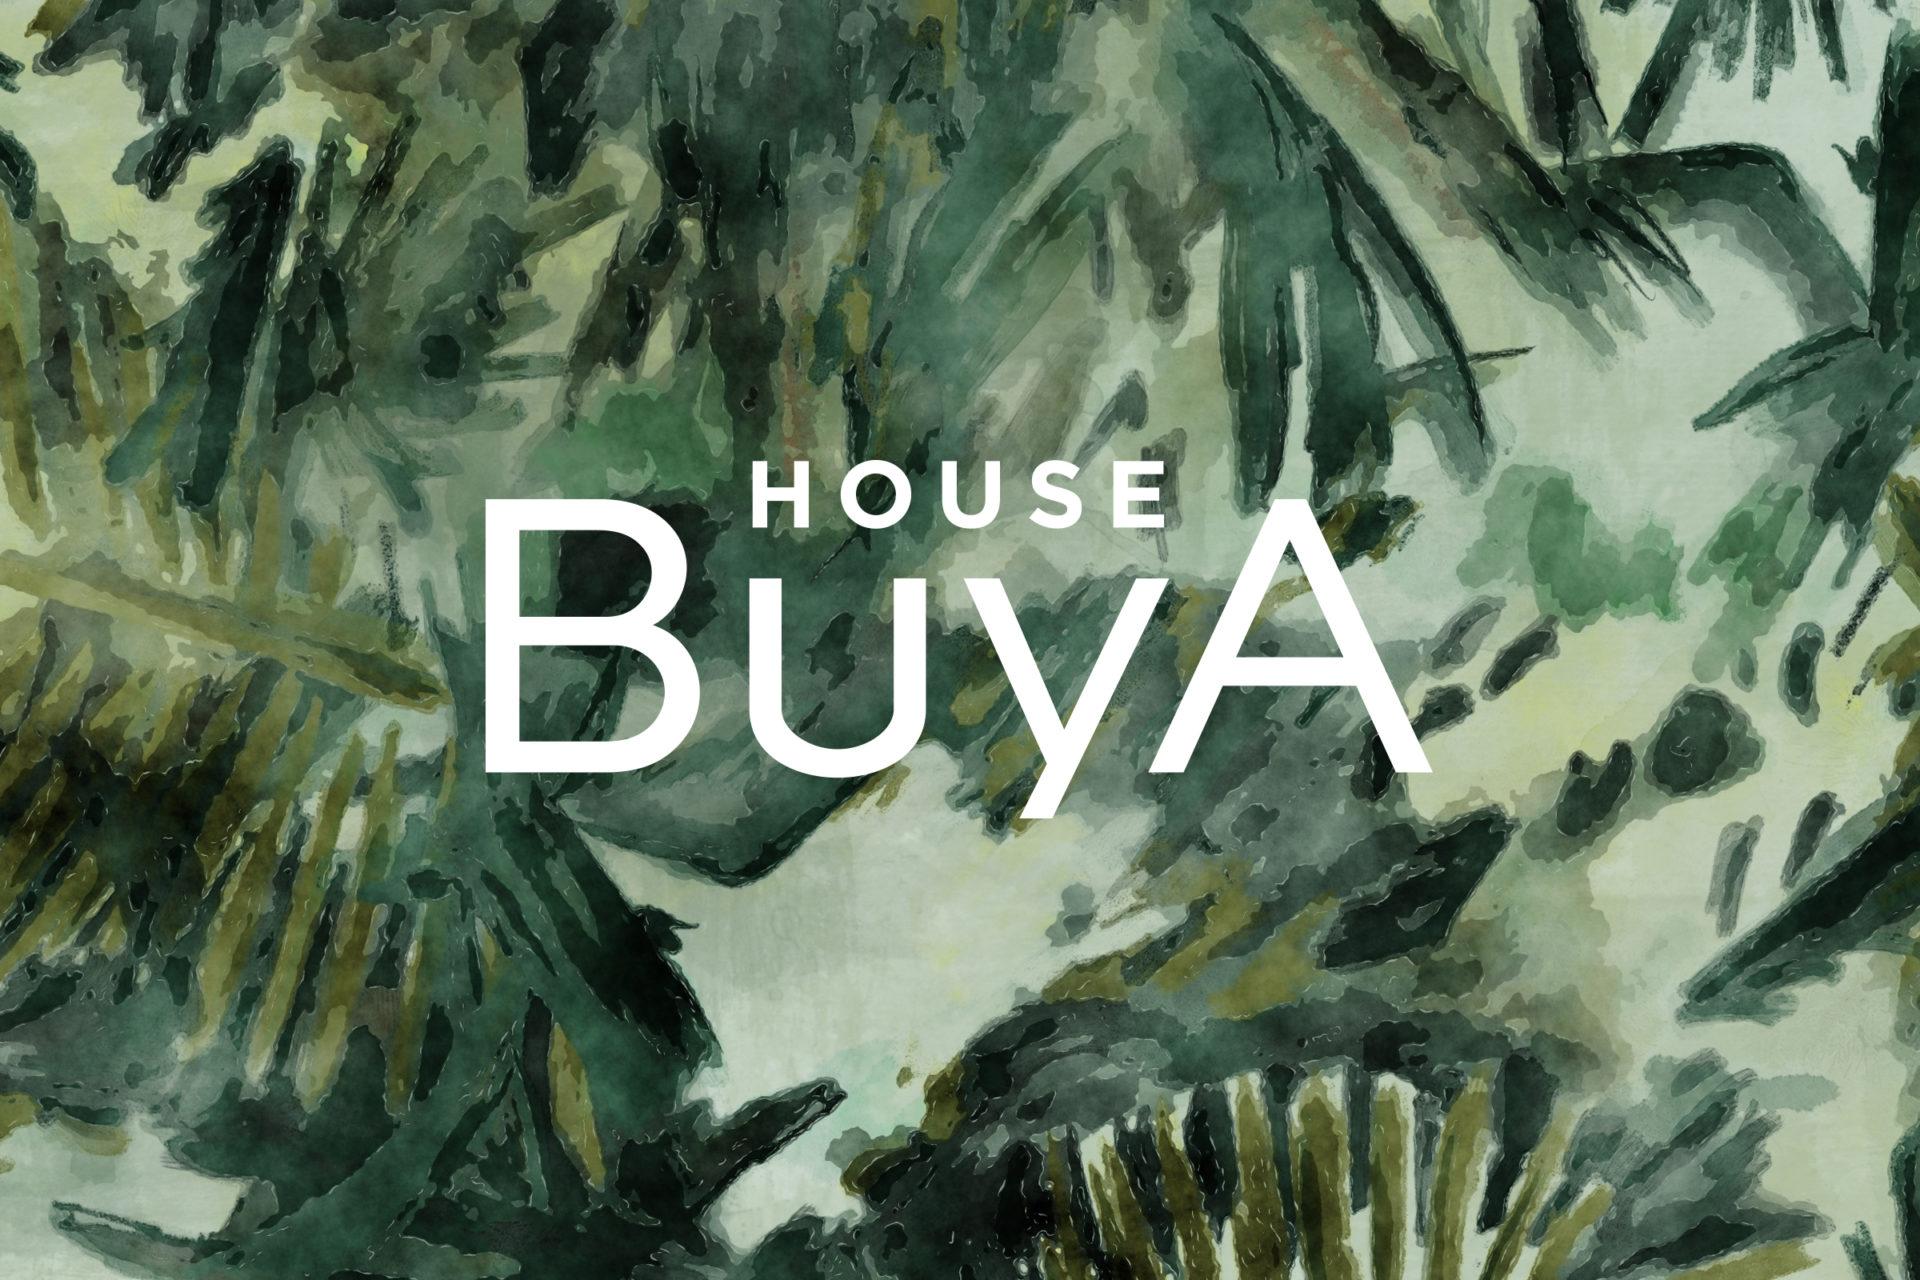 Buya House